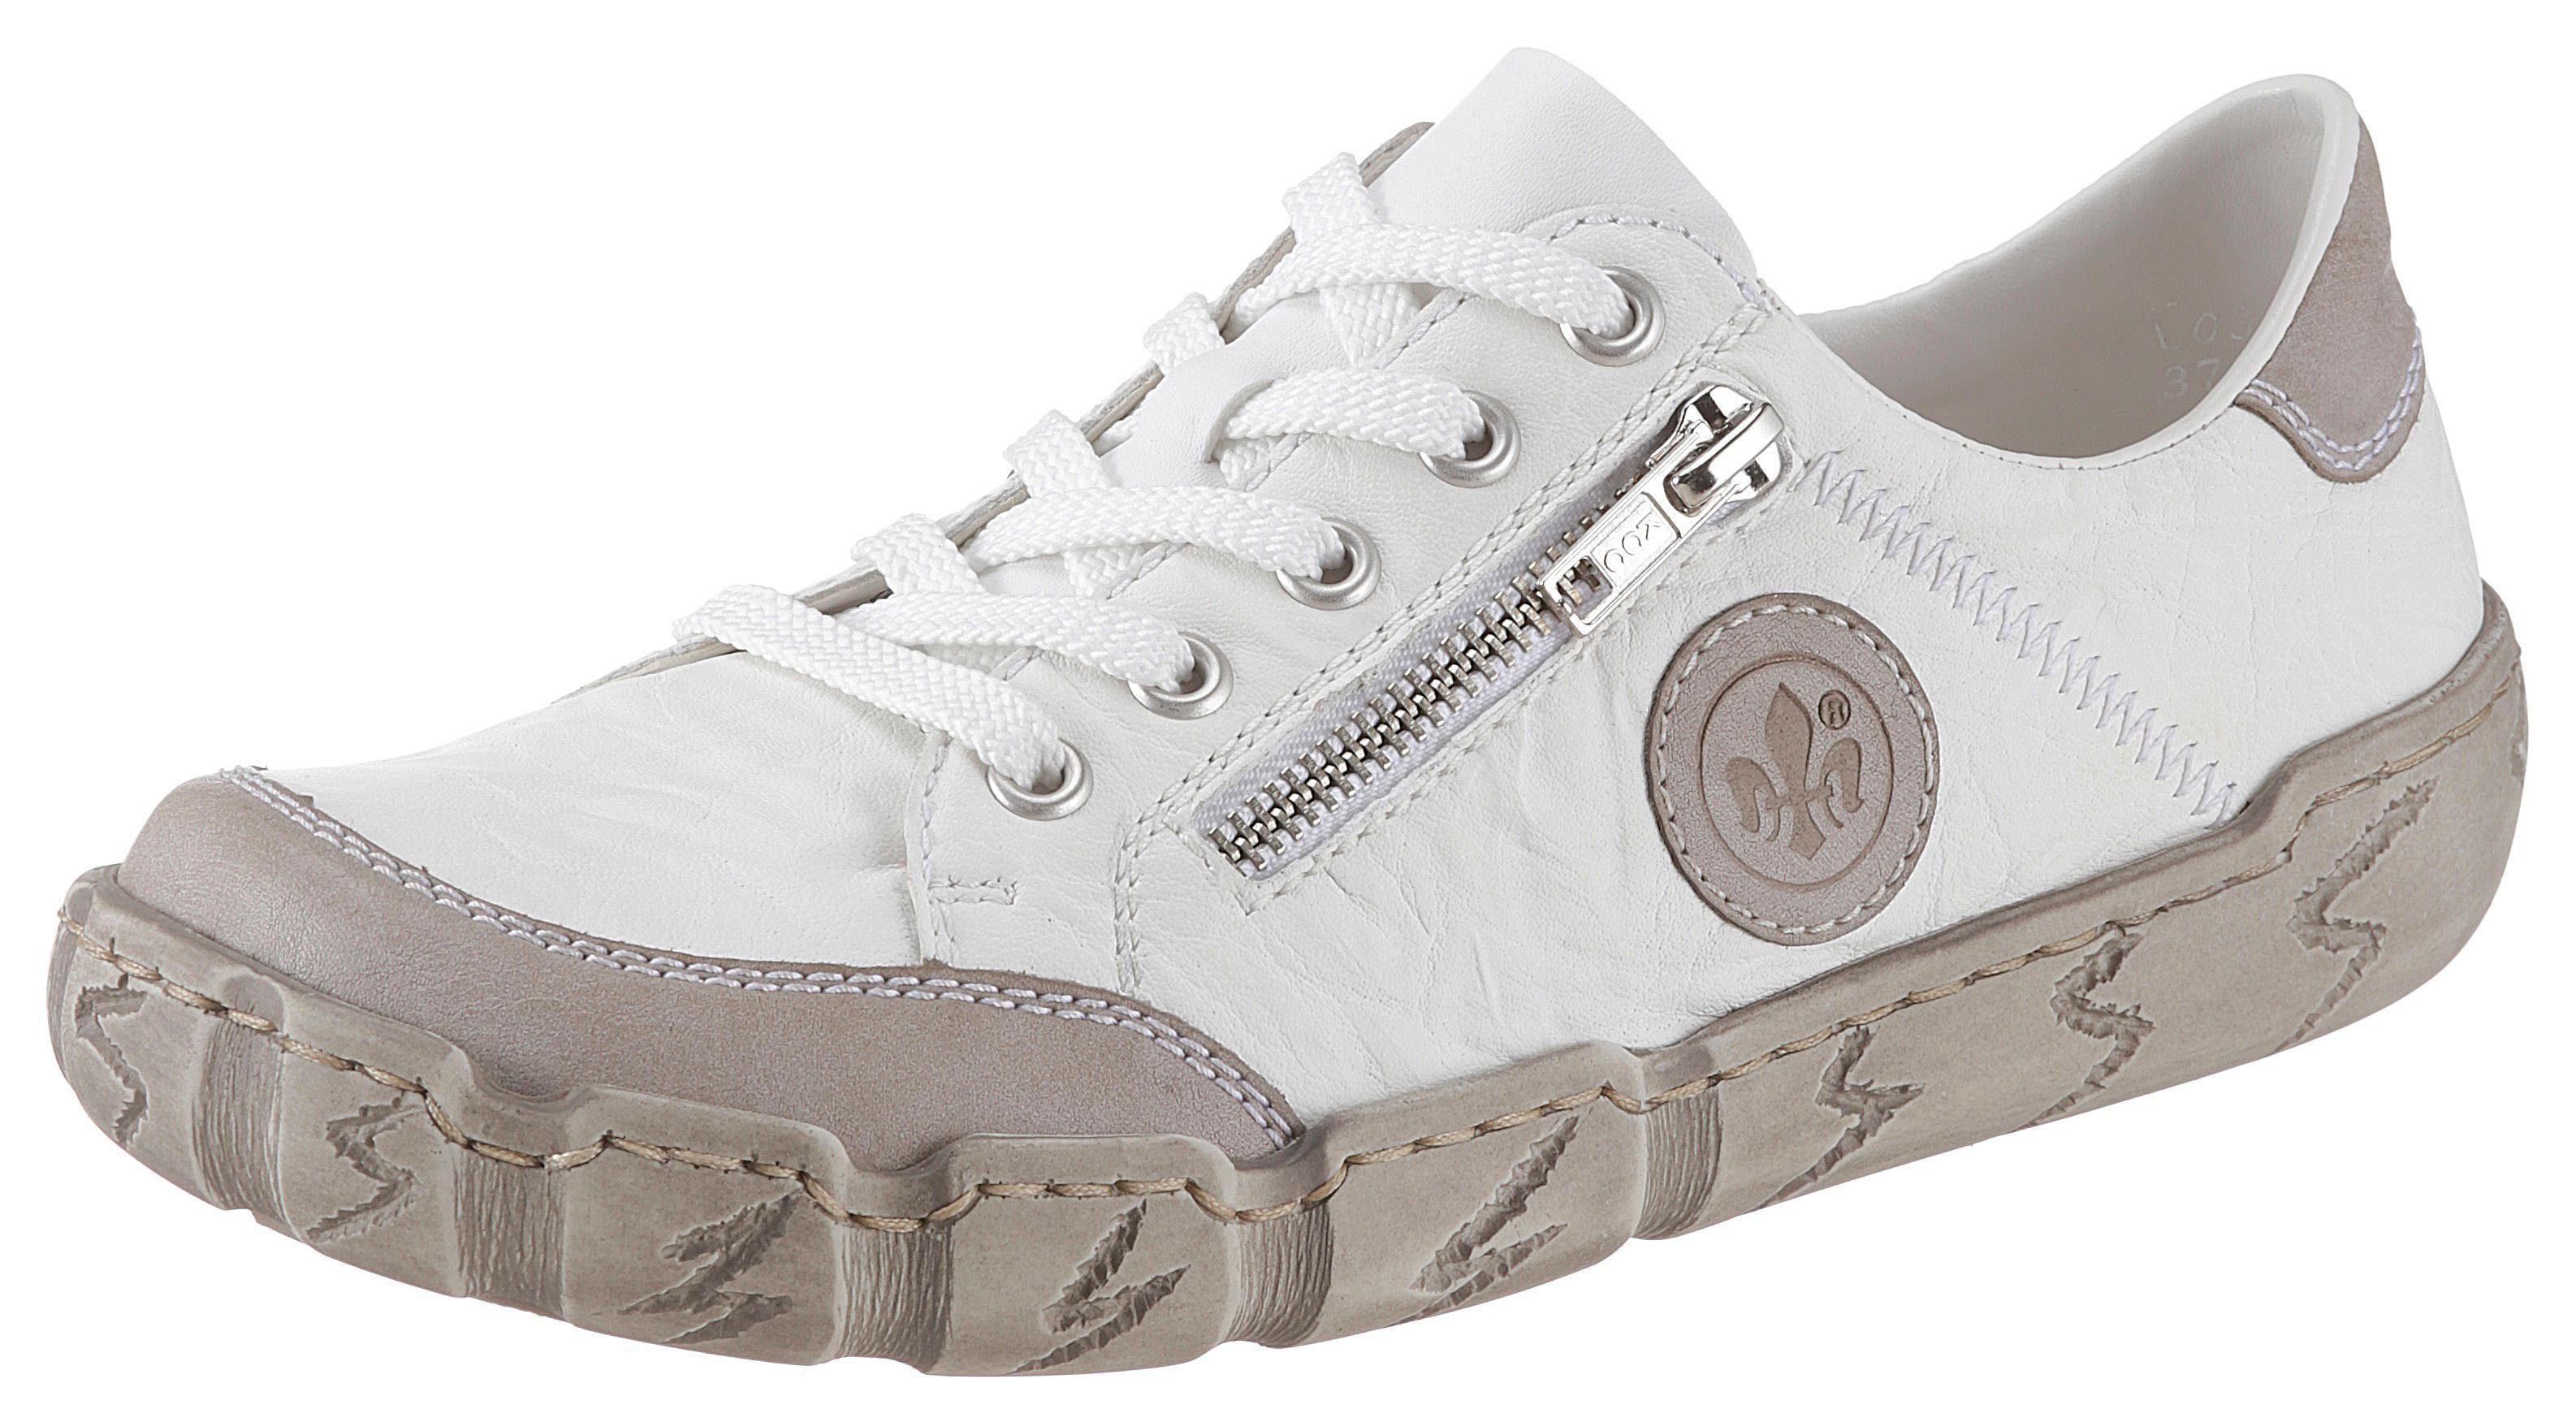 Rieker Sneaker mit Zierreißverschluss, Weich gepolsterter Schaftrand online kaufen | OTTO